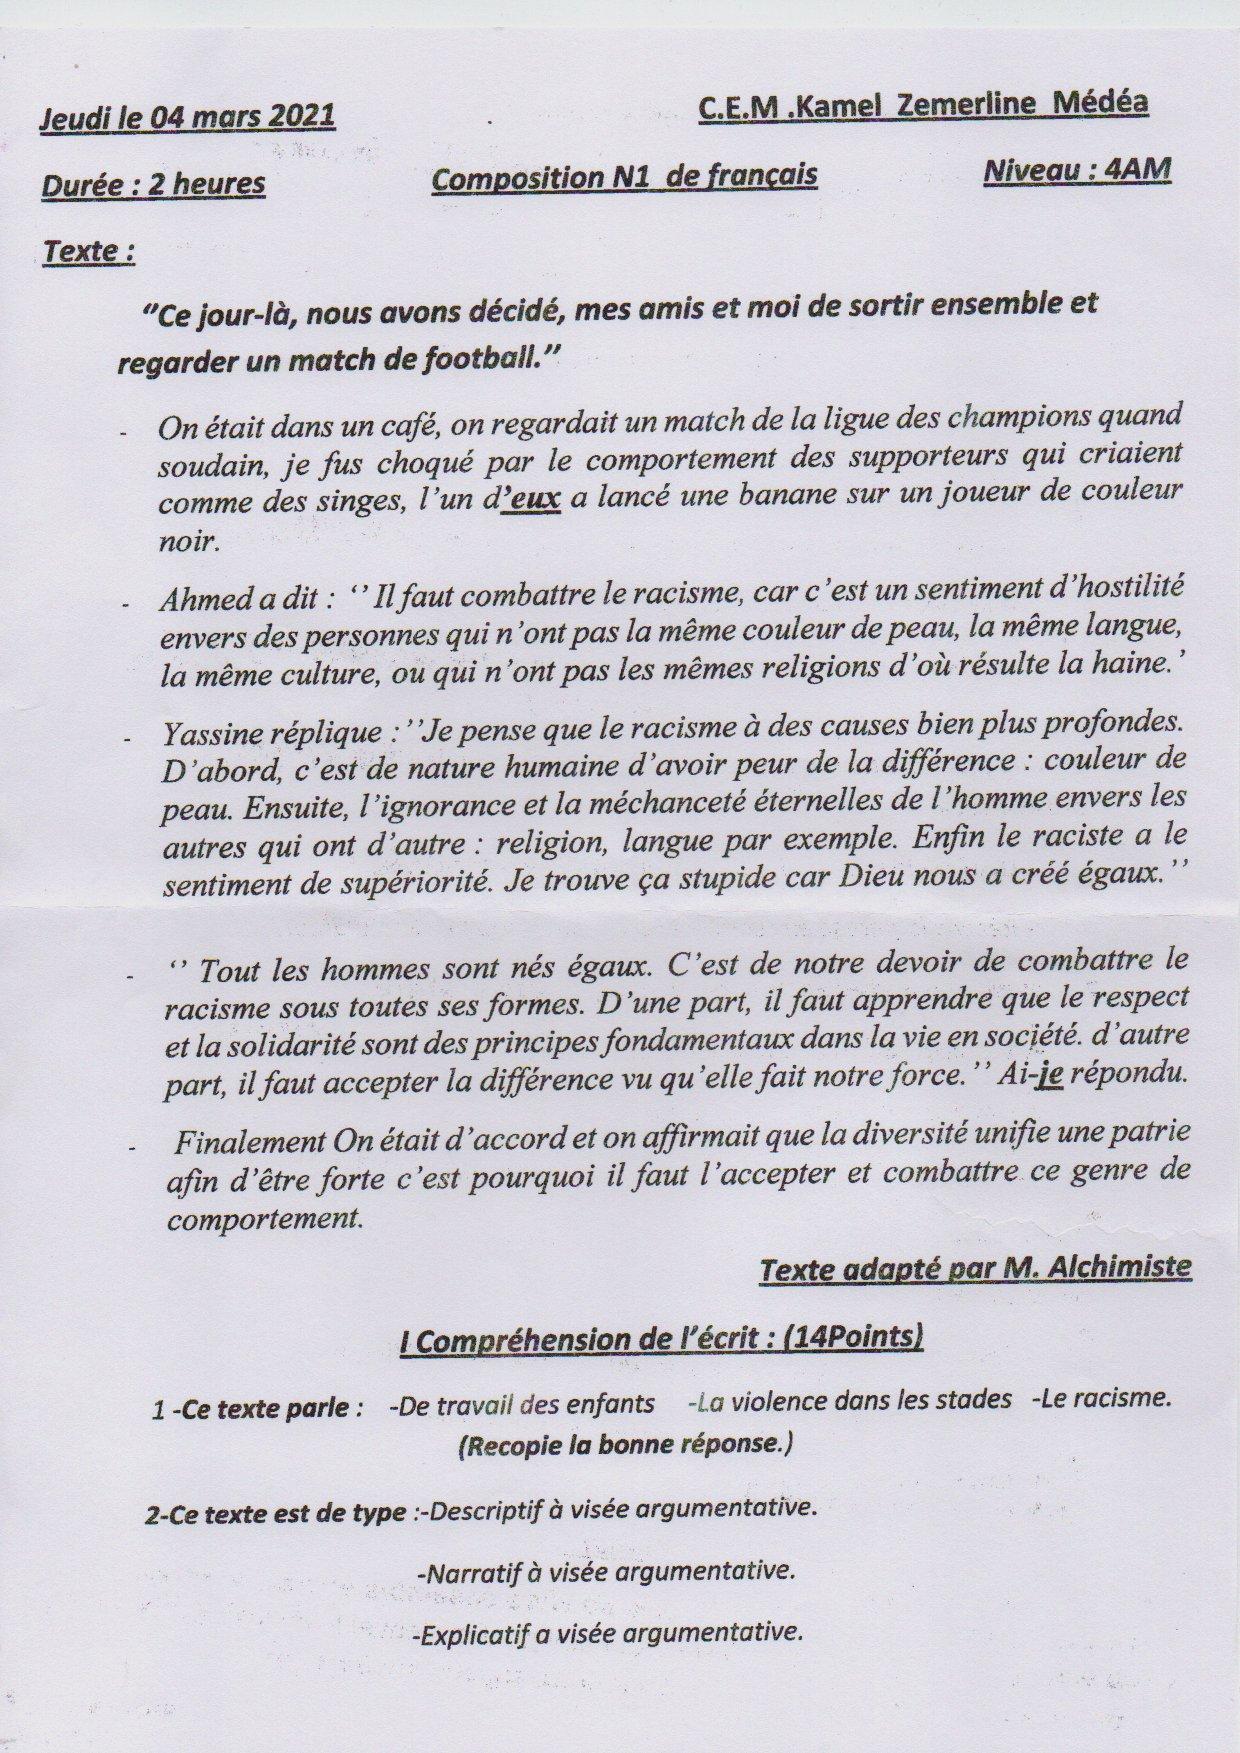 اختبار الفصل الأول في اللغة الفرنسية السنة الرابعة متوسط | الموضوع 03